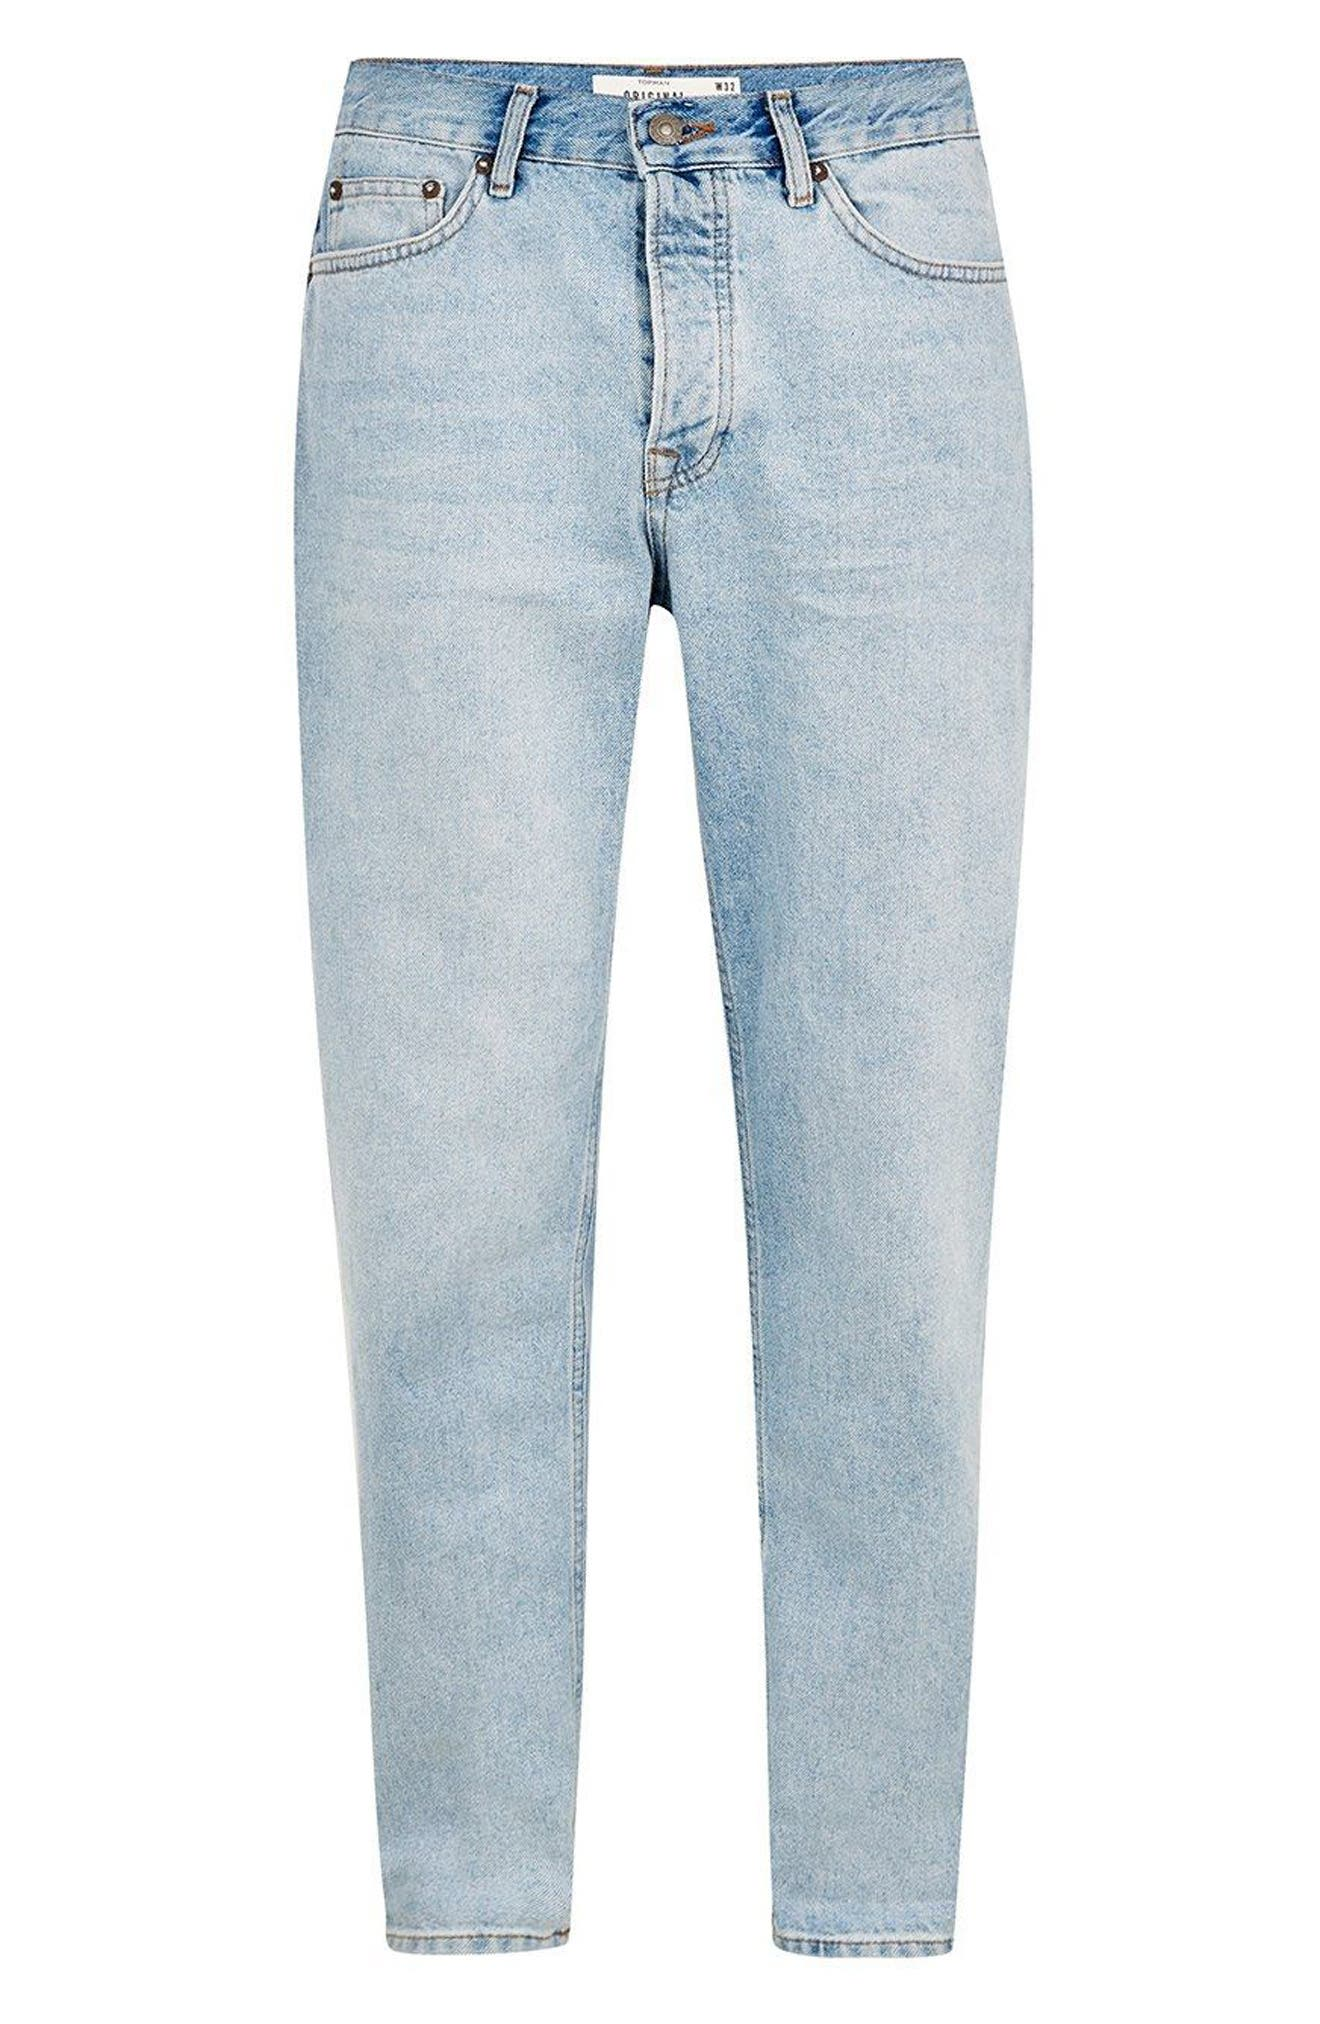 Original Fit Jeans,                             Alternate thumbnail 4, color,                             400